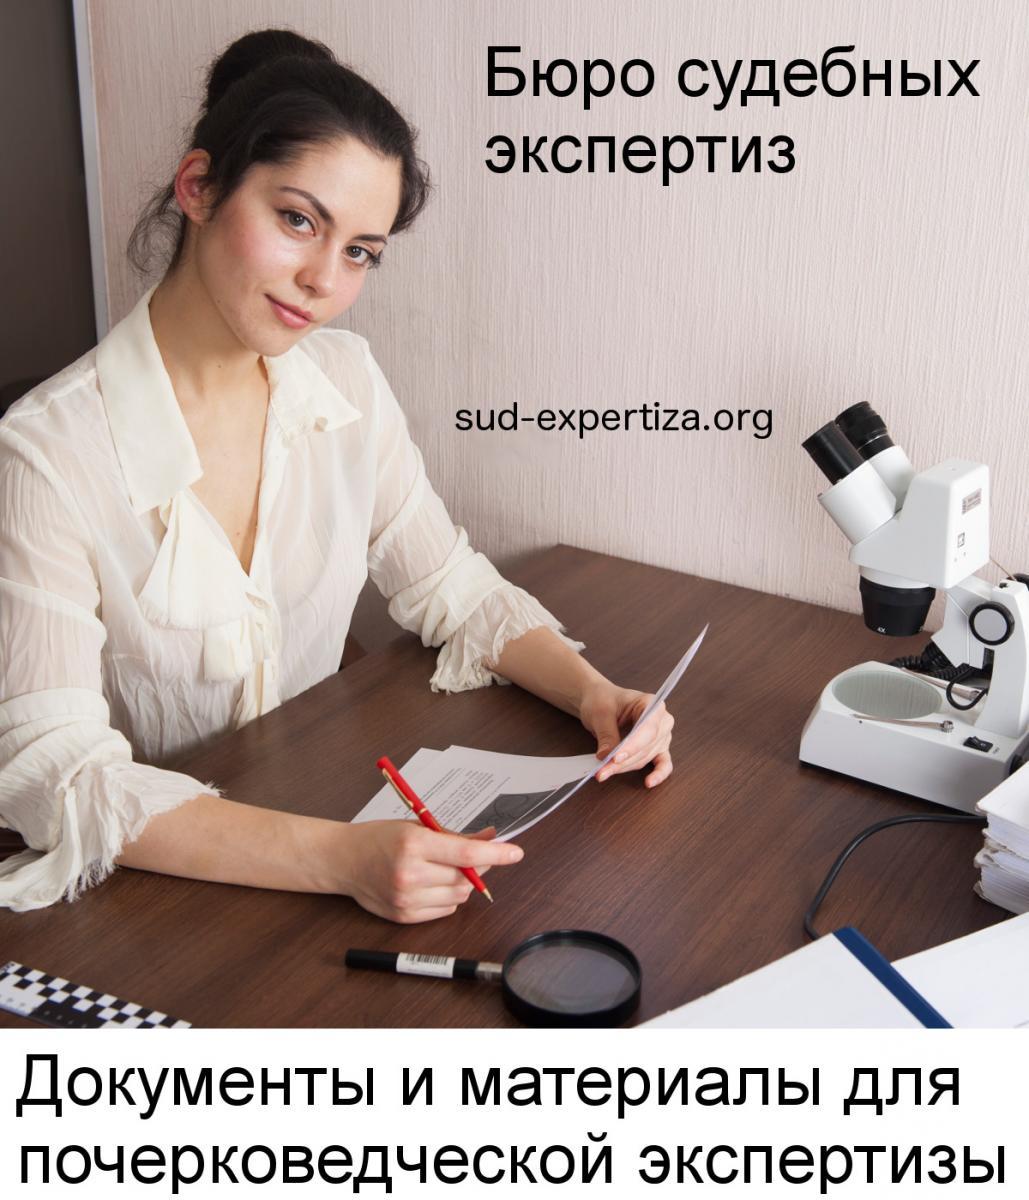 Документы и материалы для проведения почерковедческой экспертизы в Бюро судебных экспертиз